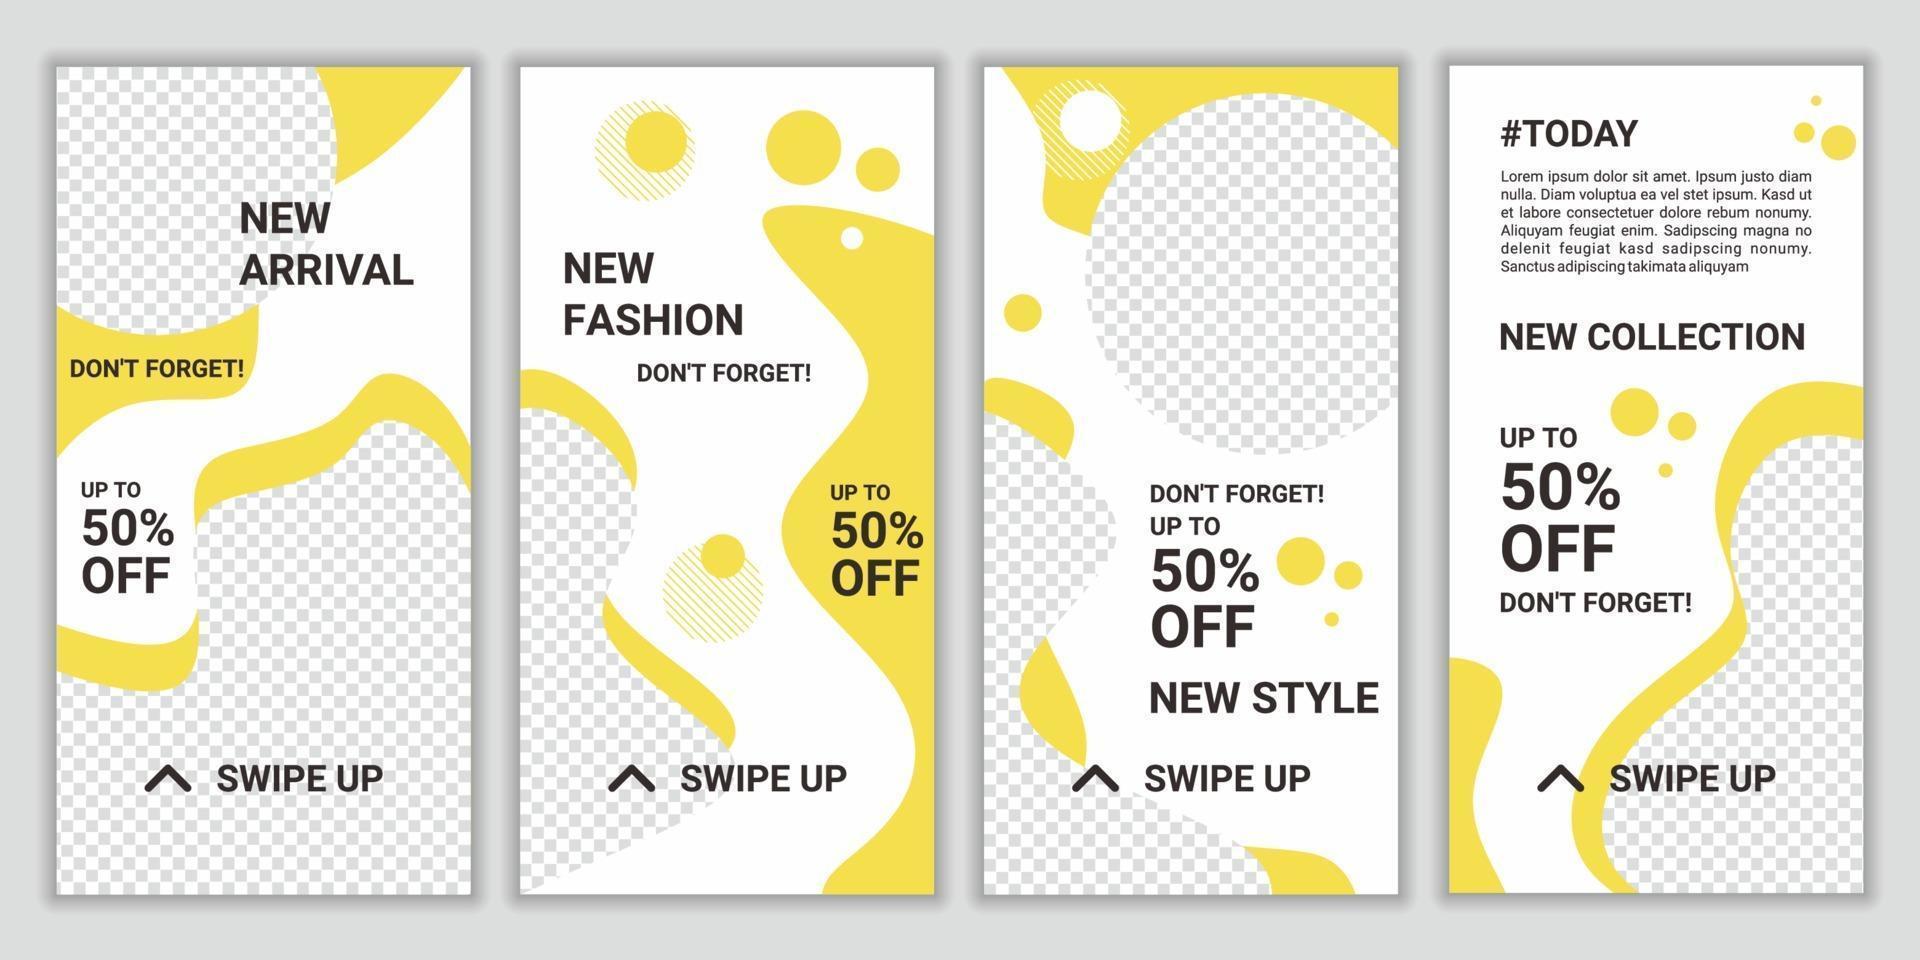 conjunto de fondos de diseño de plantillas de redes sociales para la promoción de venta de moda de historias de ig maqueta para blog personal, tienda o historia de usuario. mega gran venta de diseño vectorial en color amarillo y blanco vector